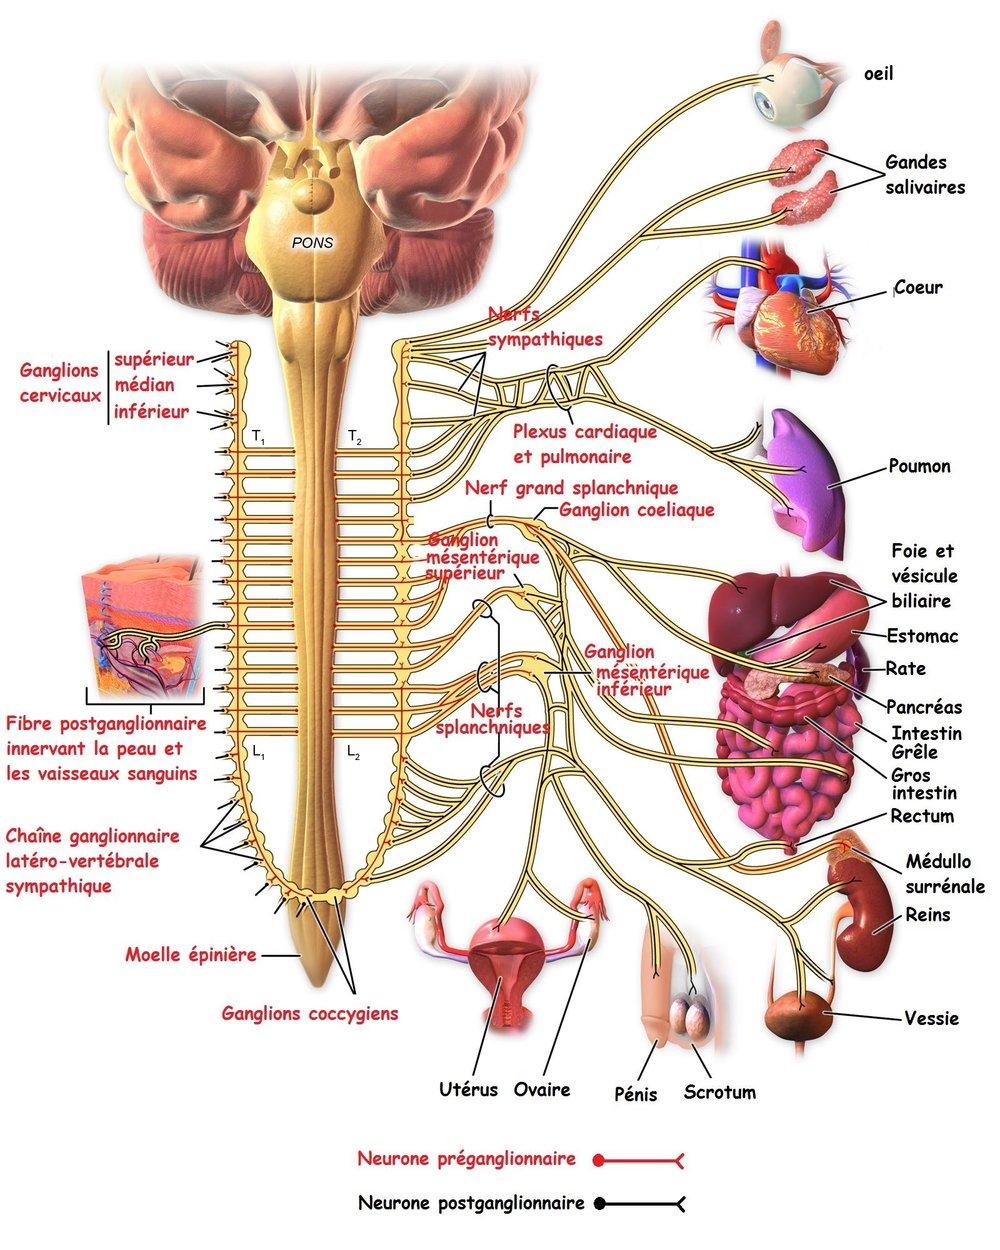 Système nerveux sympathique ☞  S'active en présence de facteurs de stress (activation physiologique) et prépare l'organisme à les affronter. ☞ Les corps cellulaires préganglionnairesse situent près de la moelle épinière thoracique et lombaire. ☞ Le 1er neurone est court alors que le 2ème est long ☞  Chaîne ganglionnaire paravertébrale composée de 3 ganglions : cœliaque, mésentérique supérieur et inférieur. ☞ Les neurones post-ganglionnaires quittent ces ganglions pour aller innerver les organes internes.